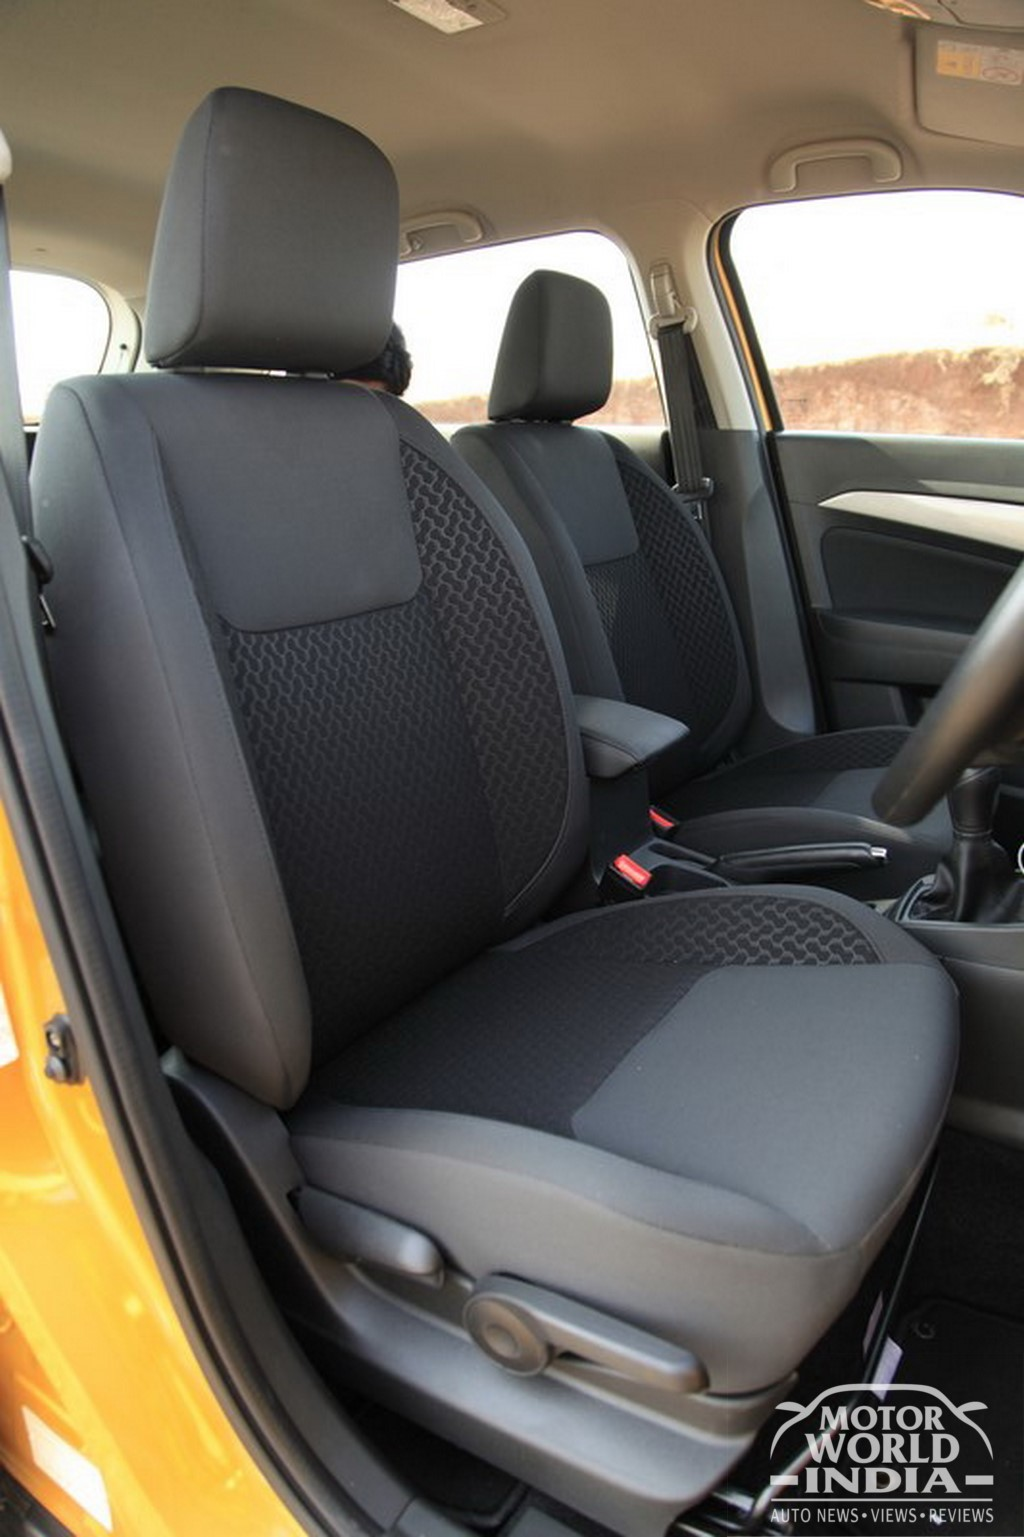 Maruti-Vitara-Brezza-Interior-Front-Seat (2)